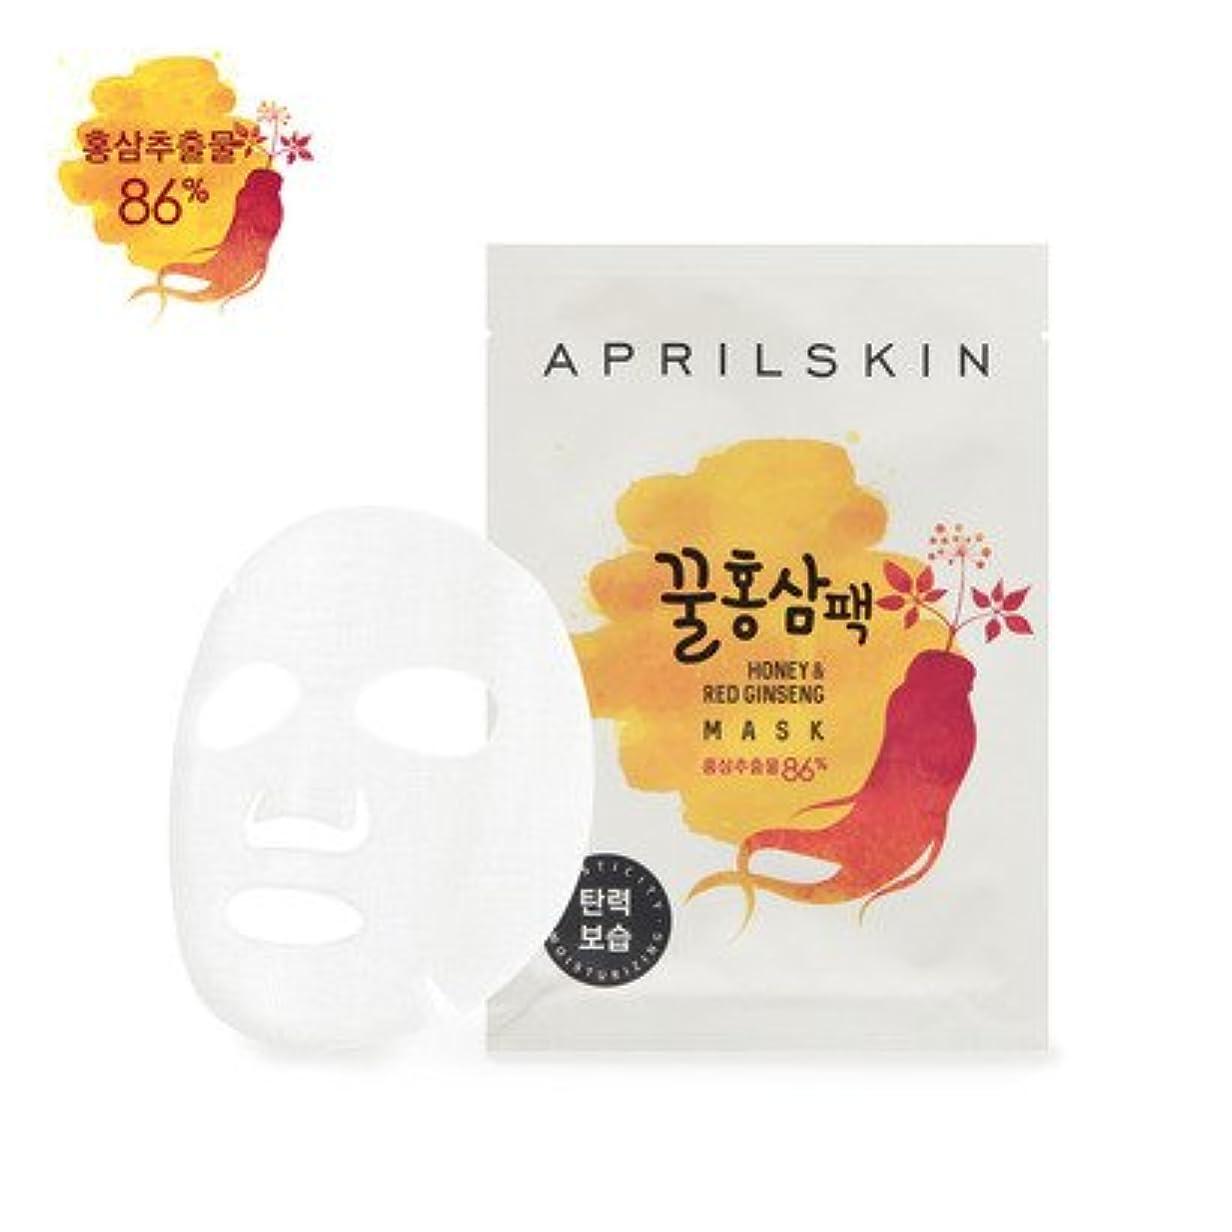 呪いログ私たちのAPRILSKIN Honey & Red Ginseng Mask 25g × 10EA/エイプリルスキン ハニー&紅参 マスク 25g × 10枚 [並行輸入品]